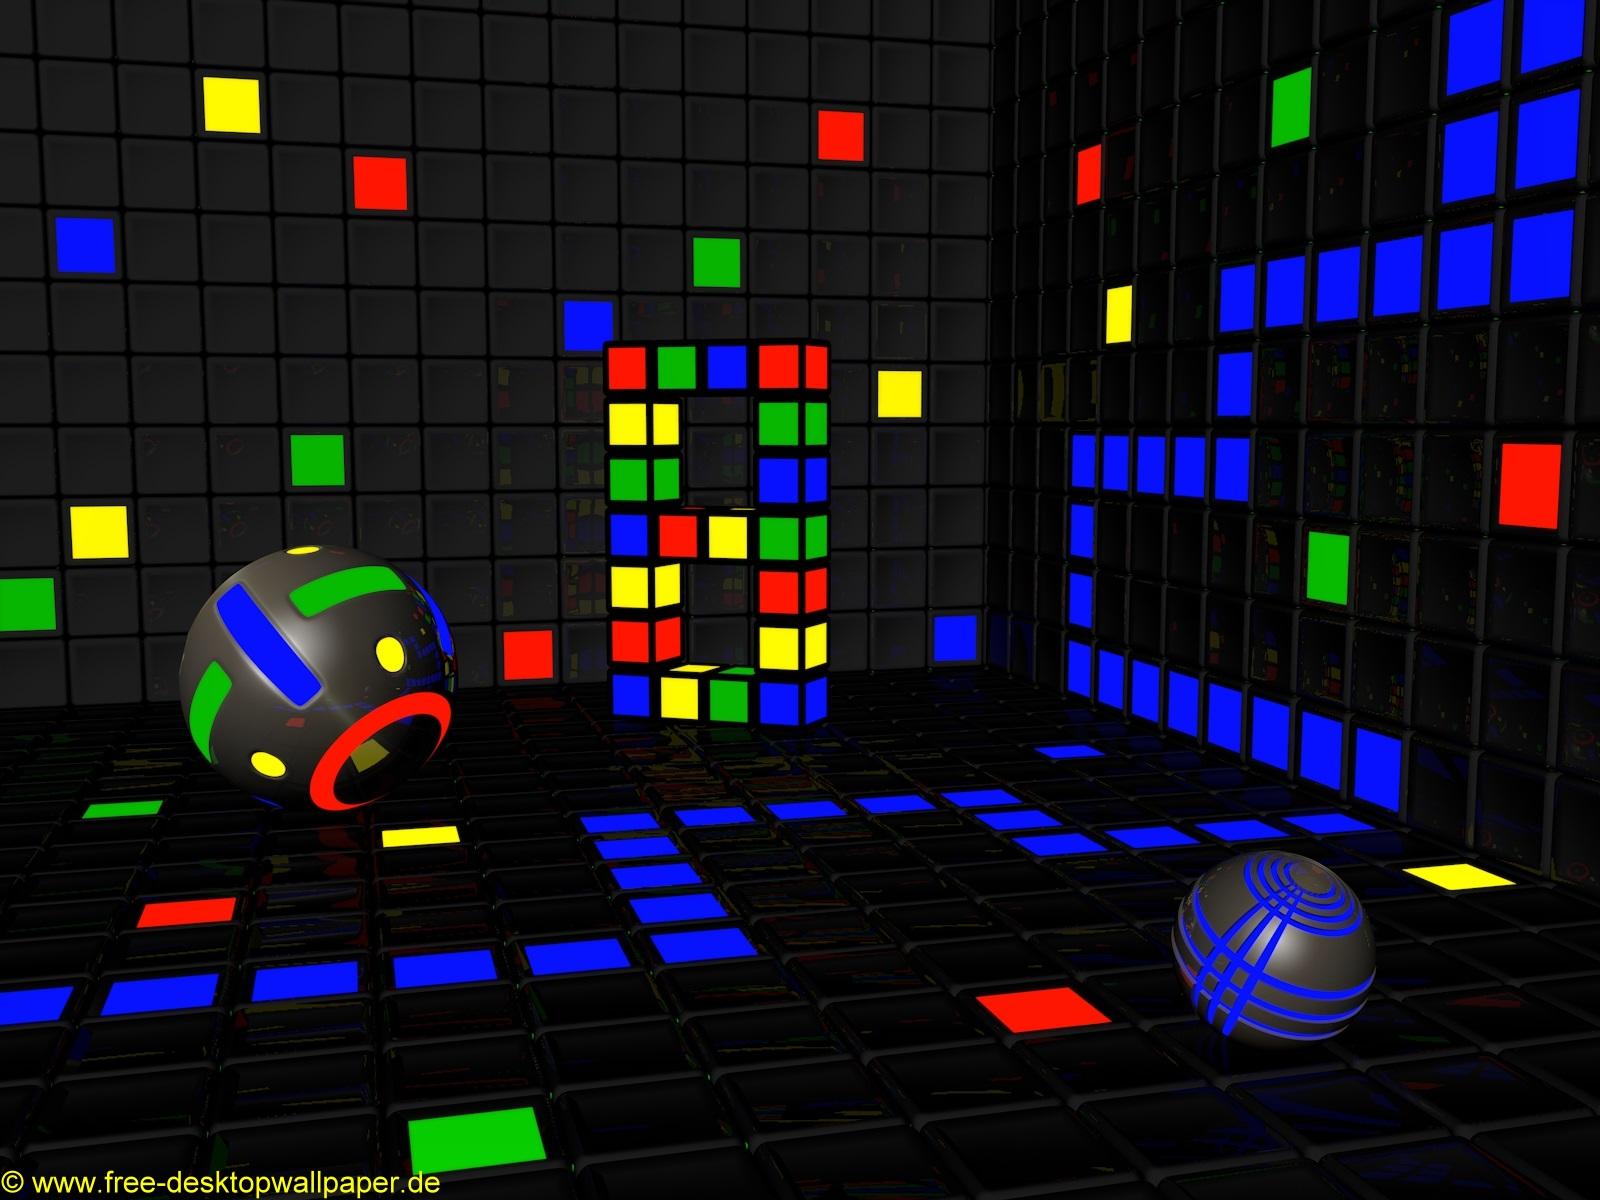 Neon Desktopbilder Neon Desktop Wallpaper gratis Downloads 1600x1200